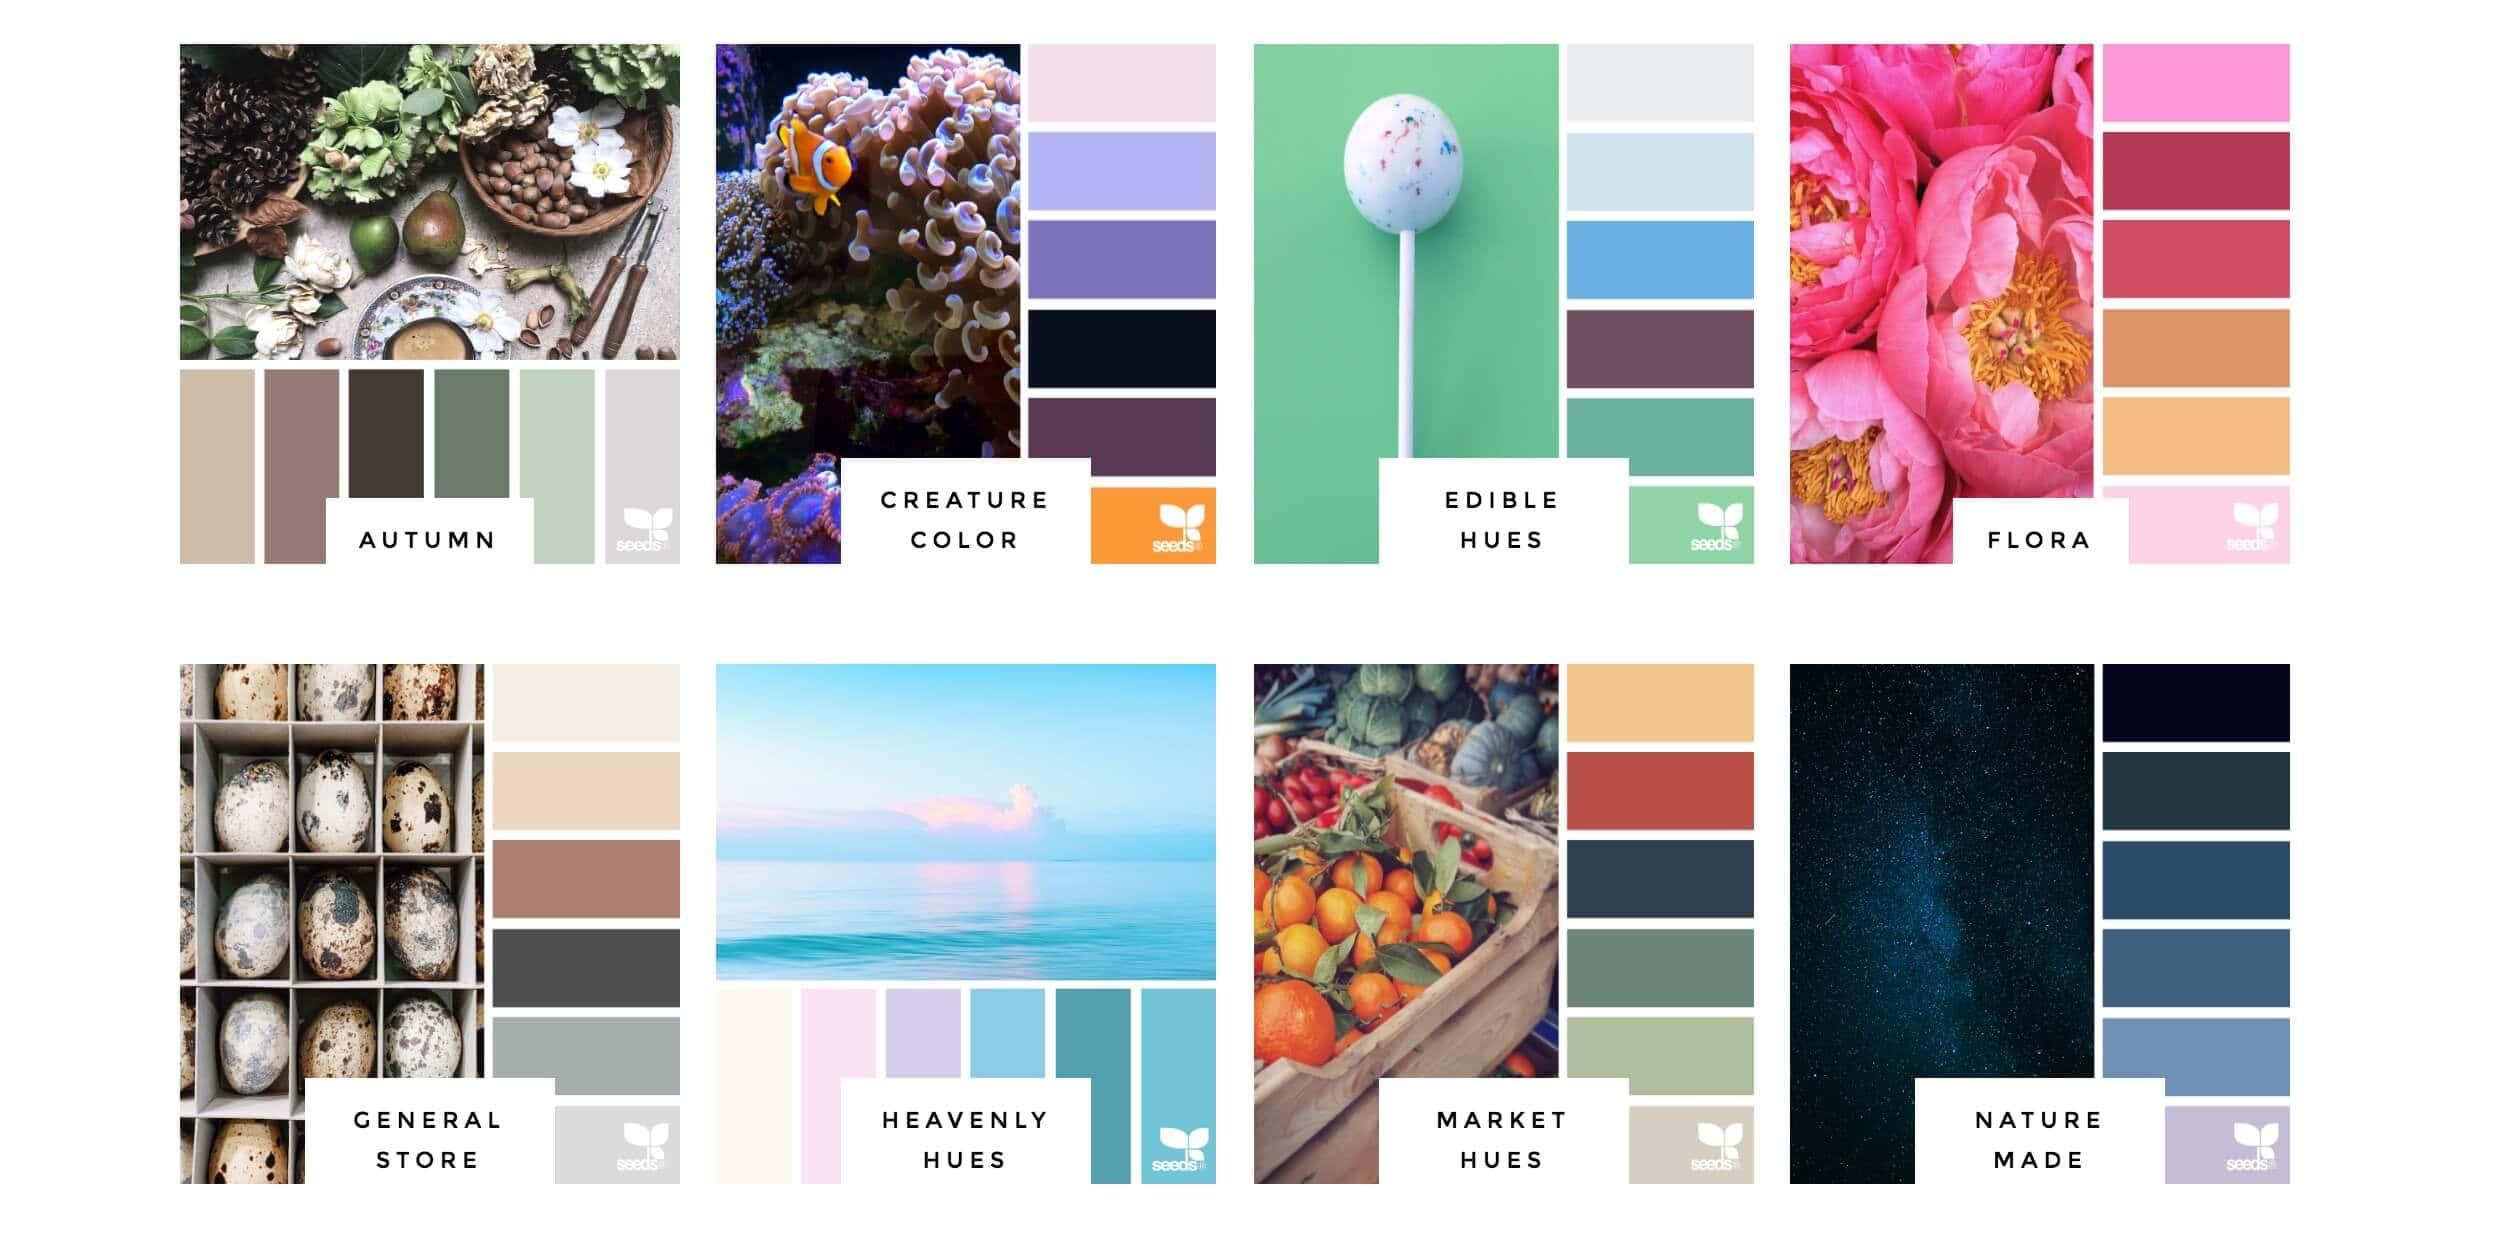 Design seeds color inspiration